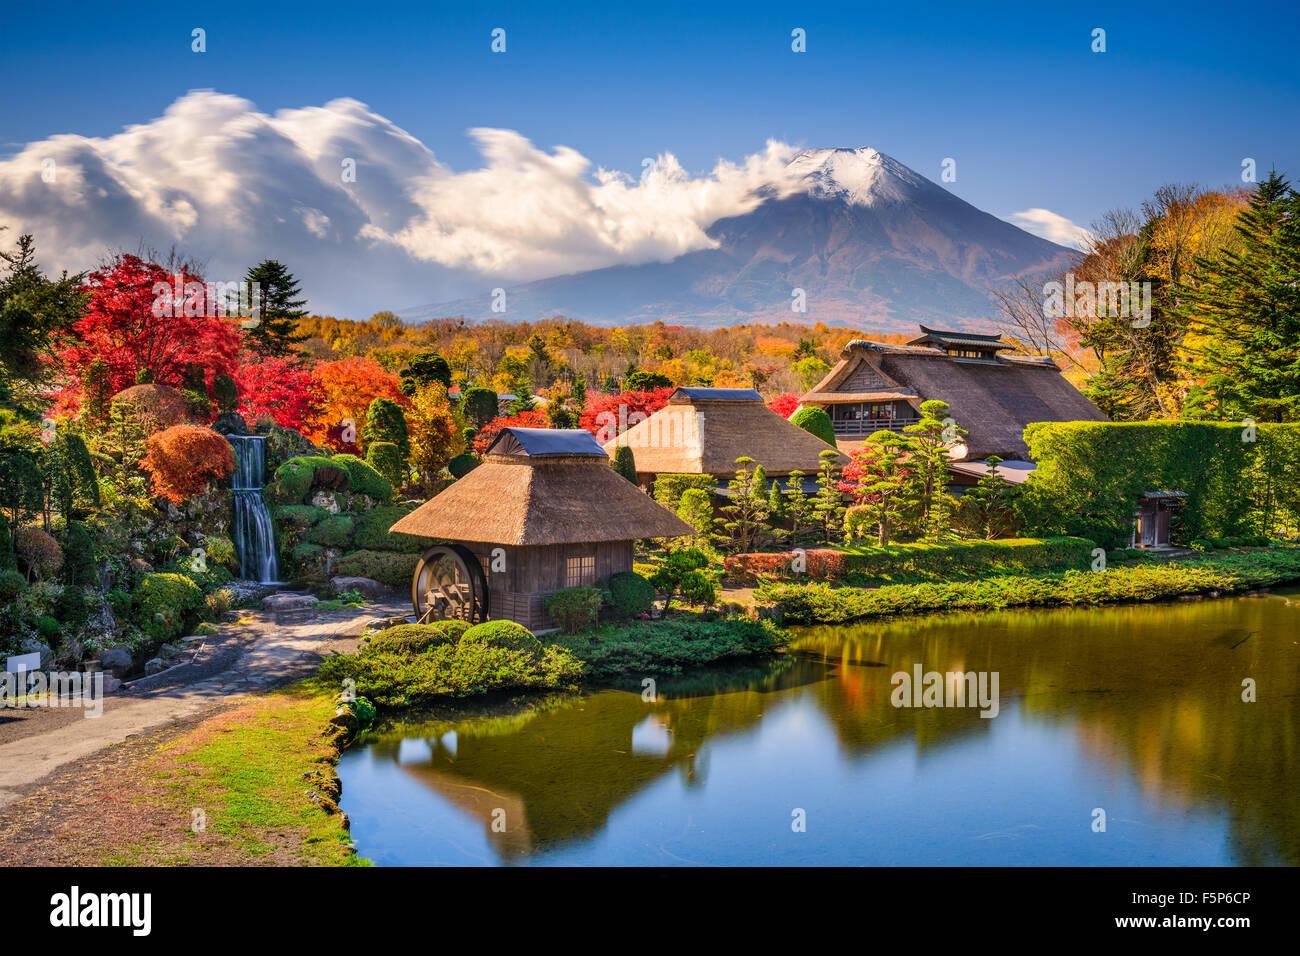 Oshino, Japón histórico casas de paja con Mt. Fuji en el fondo. Imagen De Stock